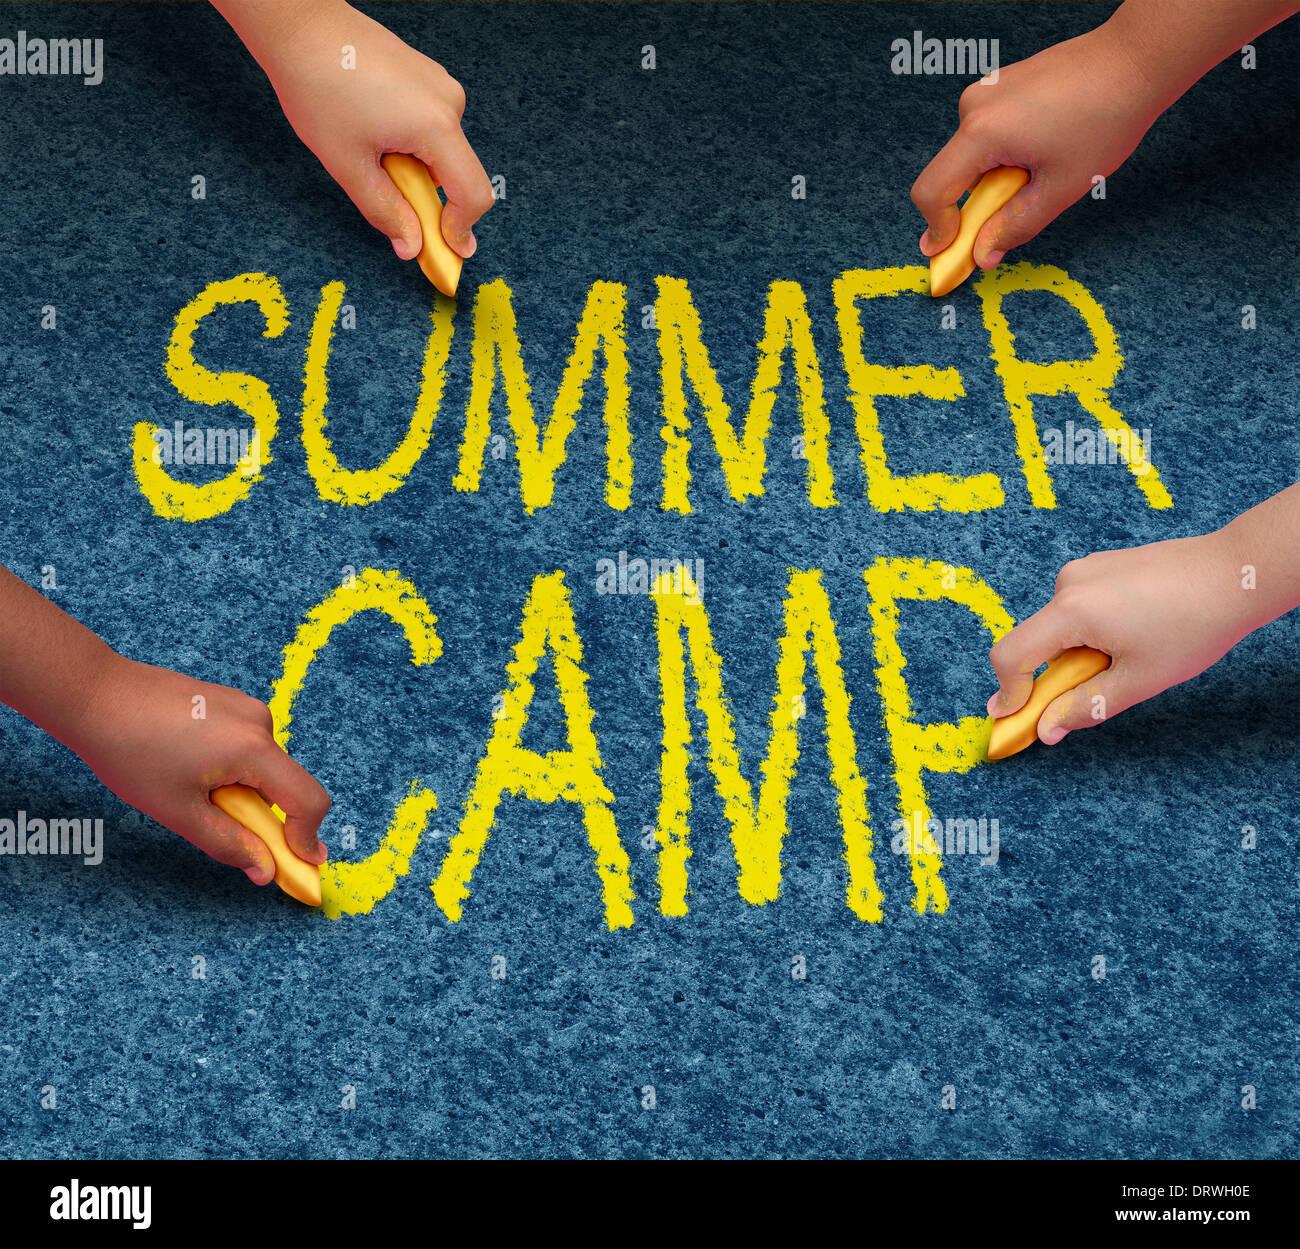 Summer Camp con scuola multietnica di disegno per bambini parole su un pavimento piano esterno come un simbolo di ricreazione e divertimento educativo con un gruppo di bambini che lavorano come un team per il successo di apprendimento. Immagini Stock